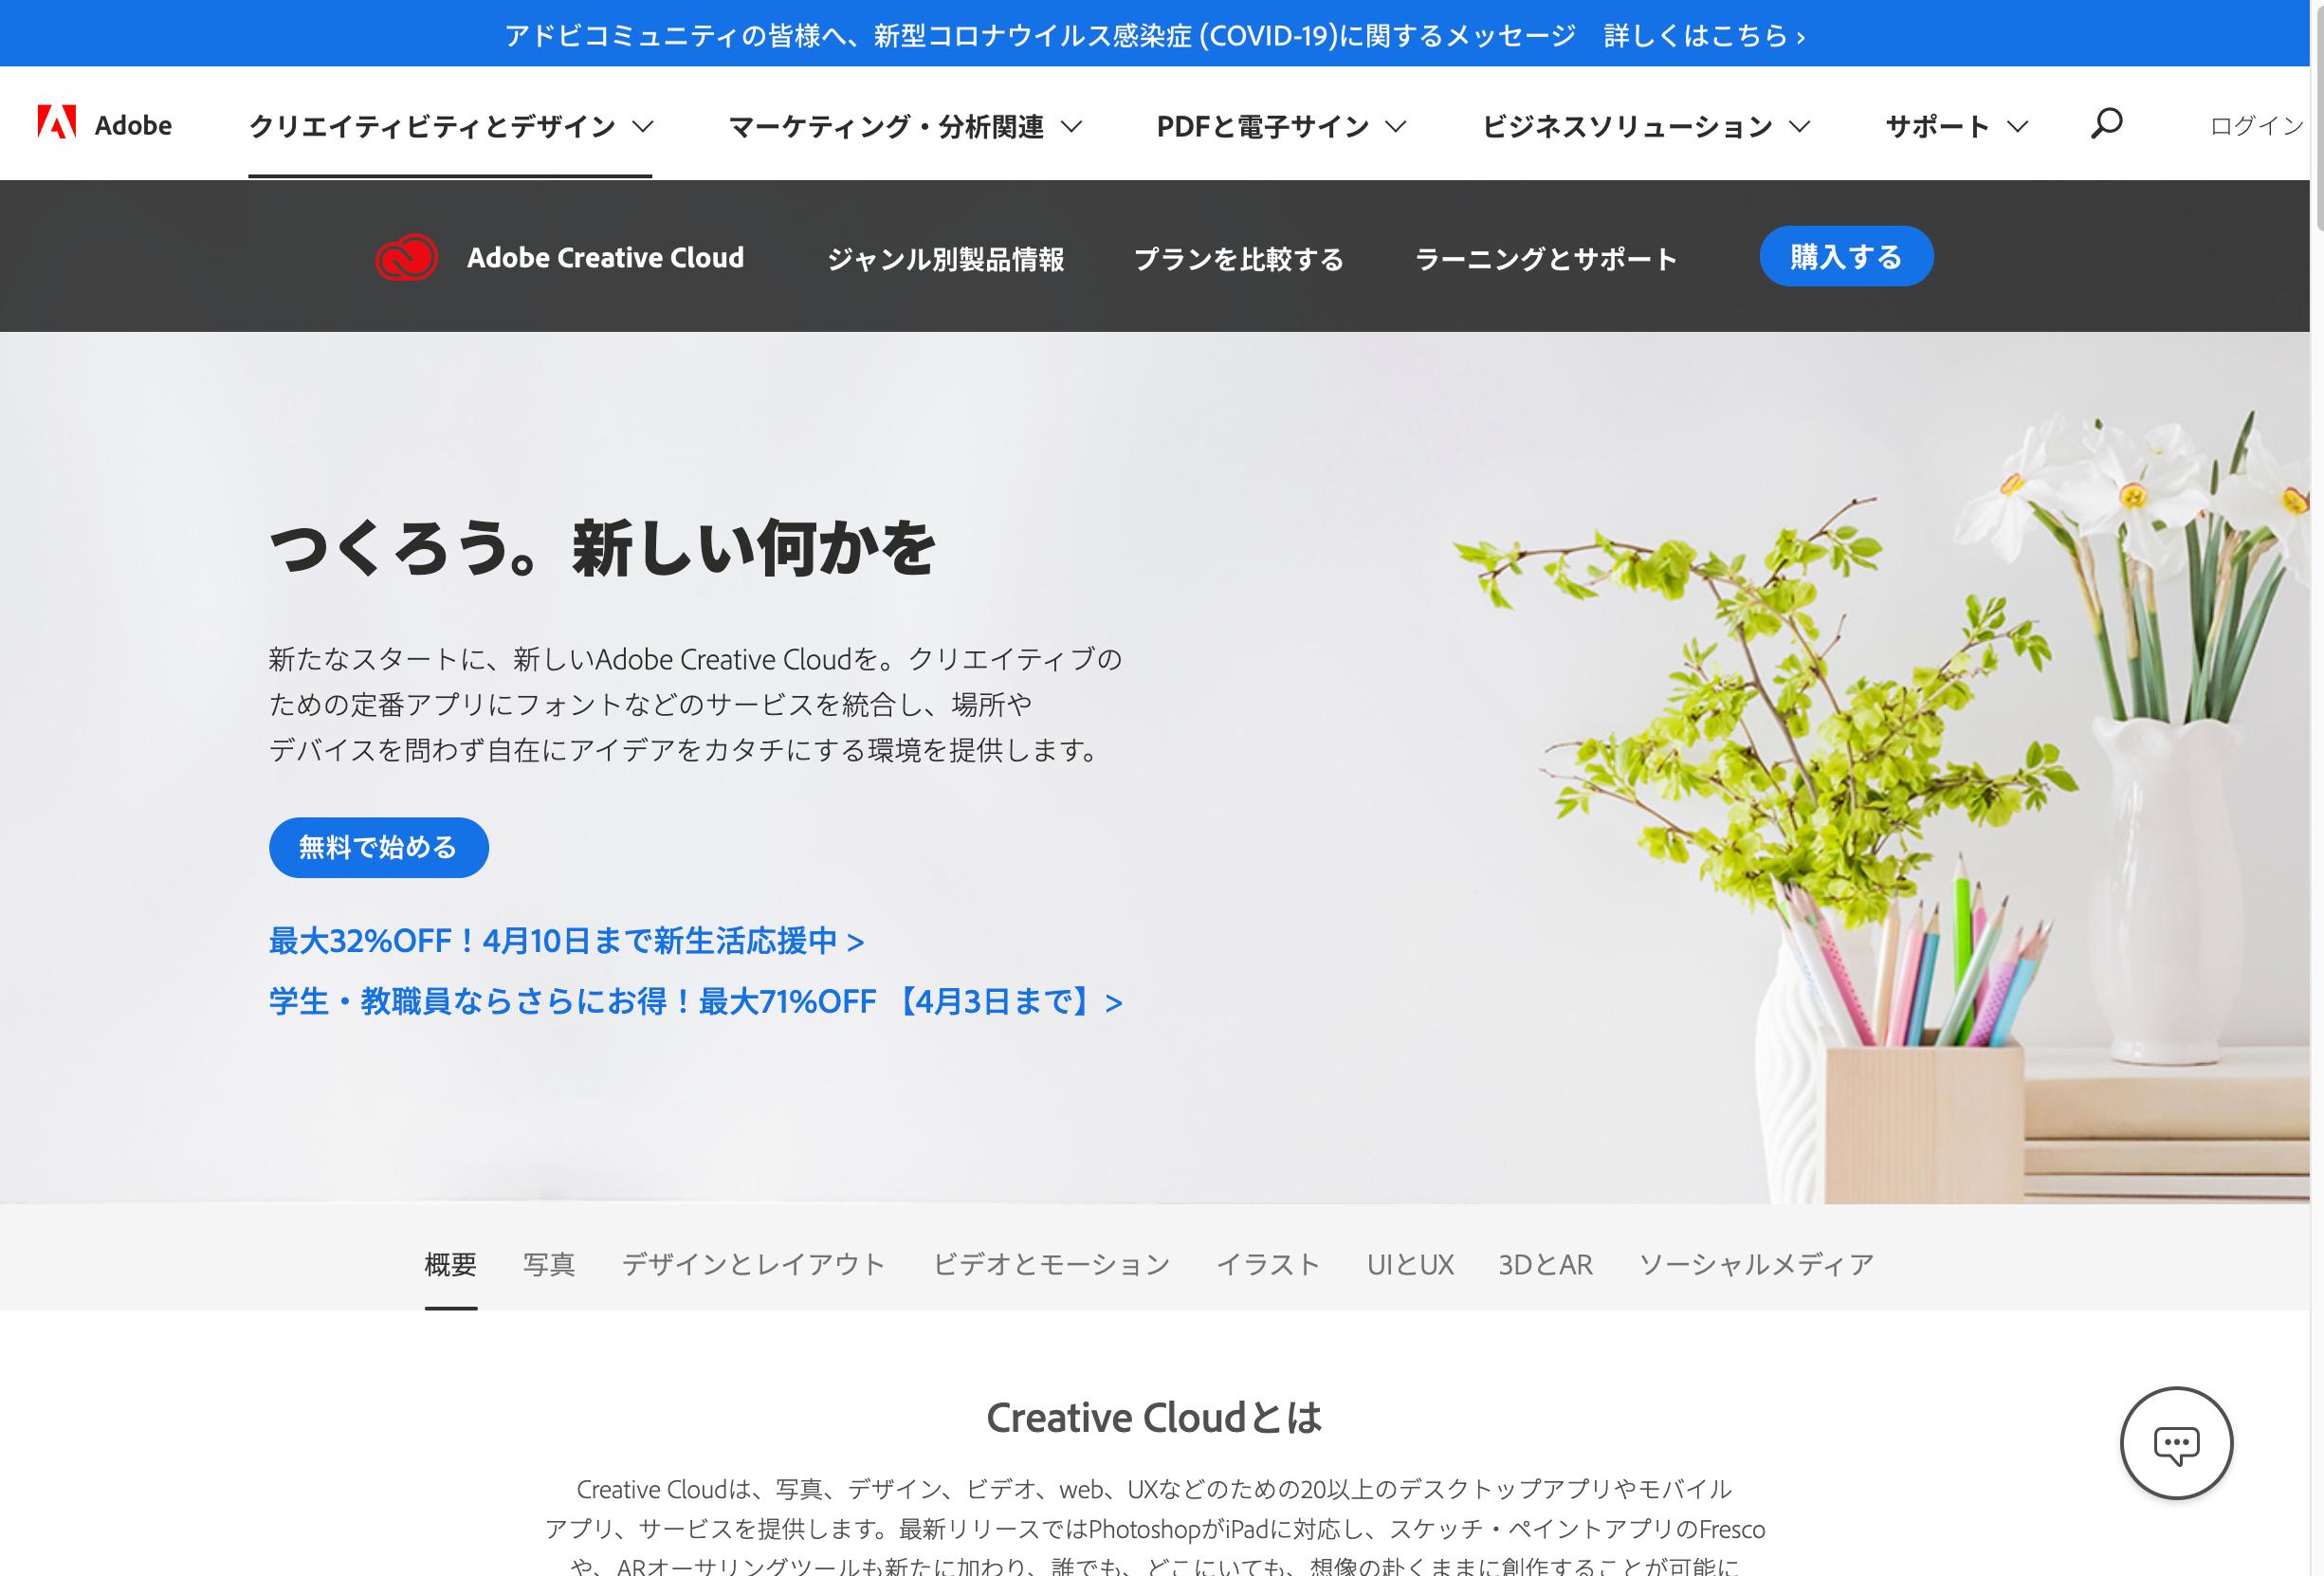 Adobe Creative Cloud-site